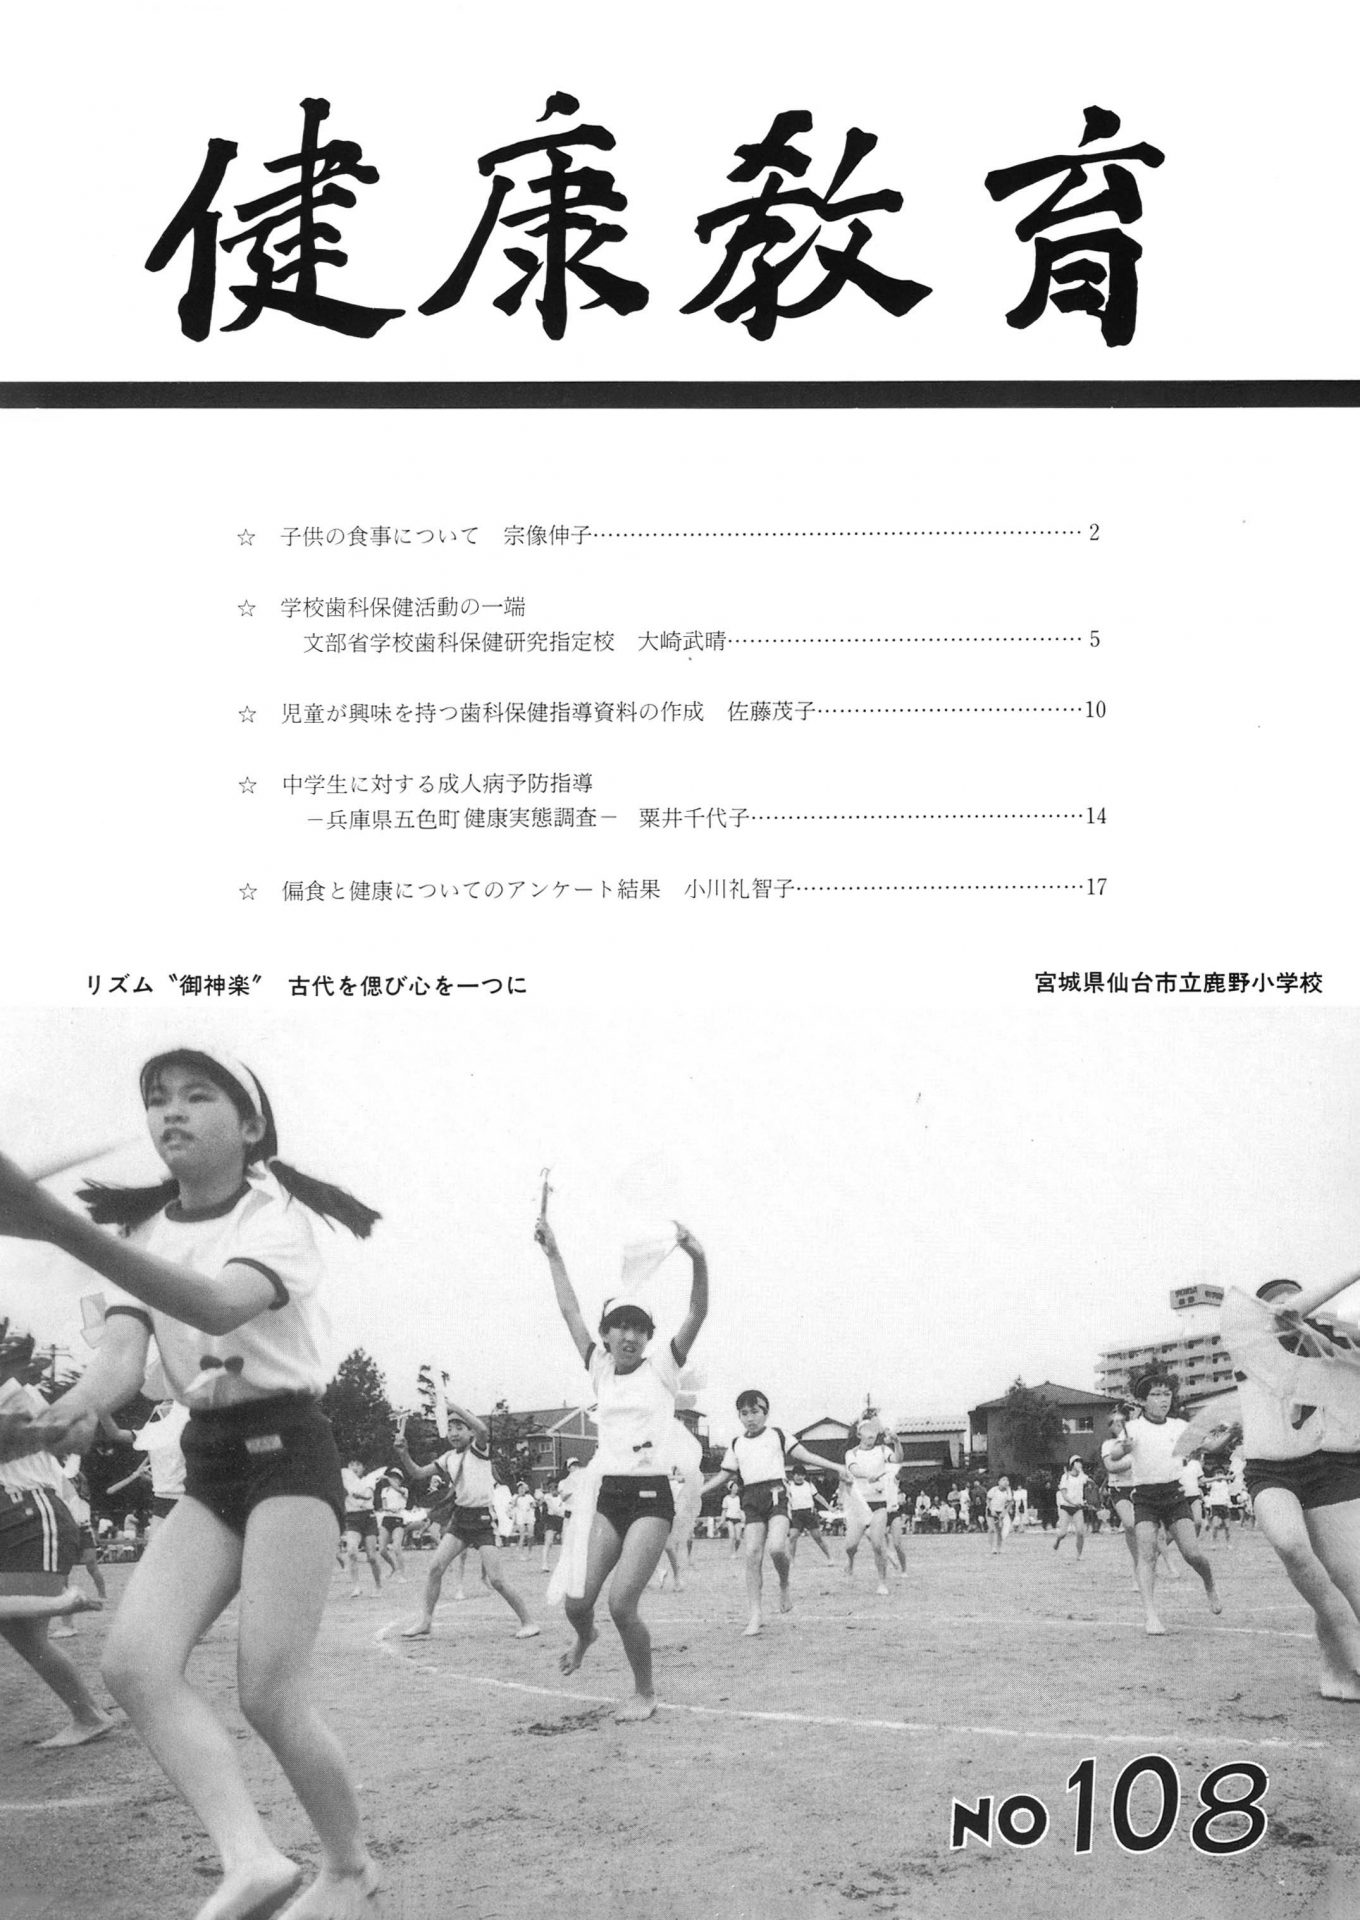 健康教育 No.108